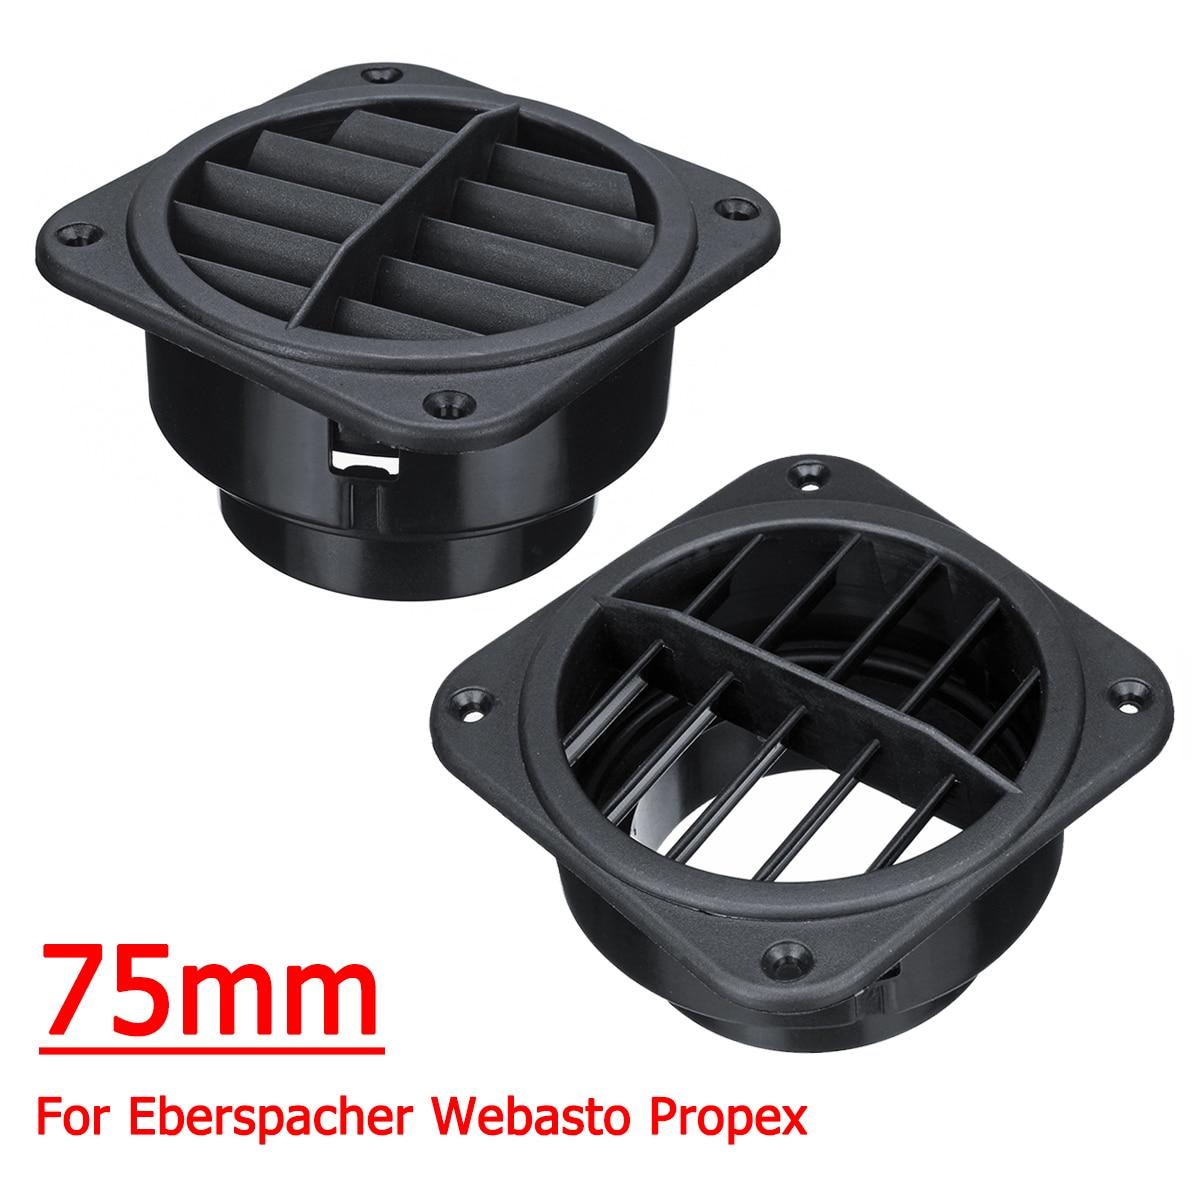 Paar 75mm Auto Warme Air Vent Outlet Heizung Führung für Propex Eberspacher